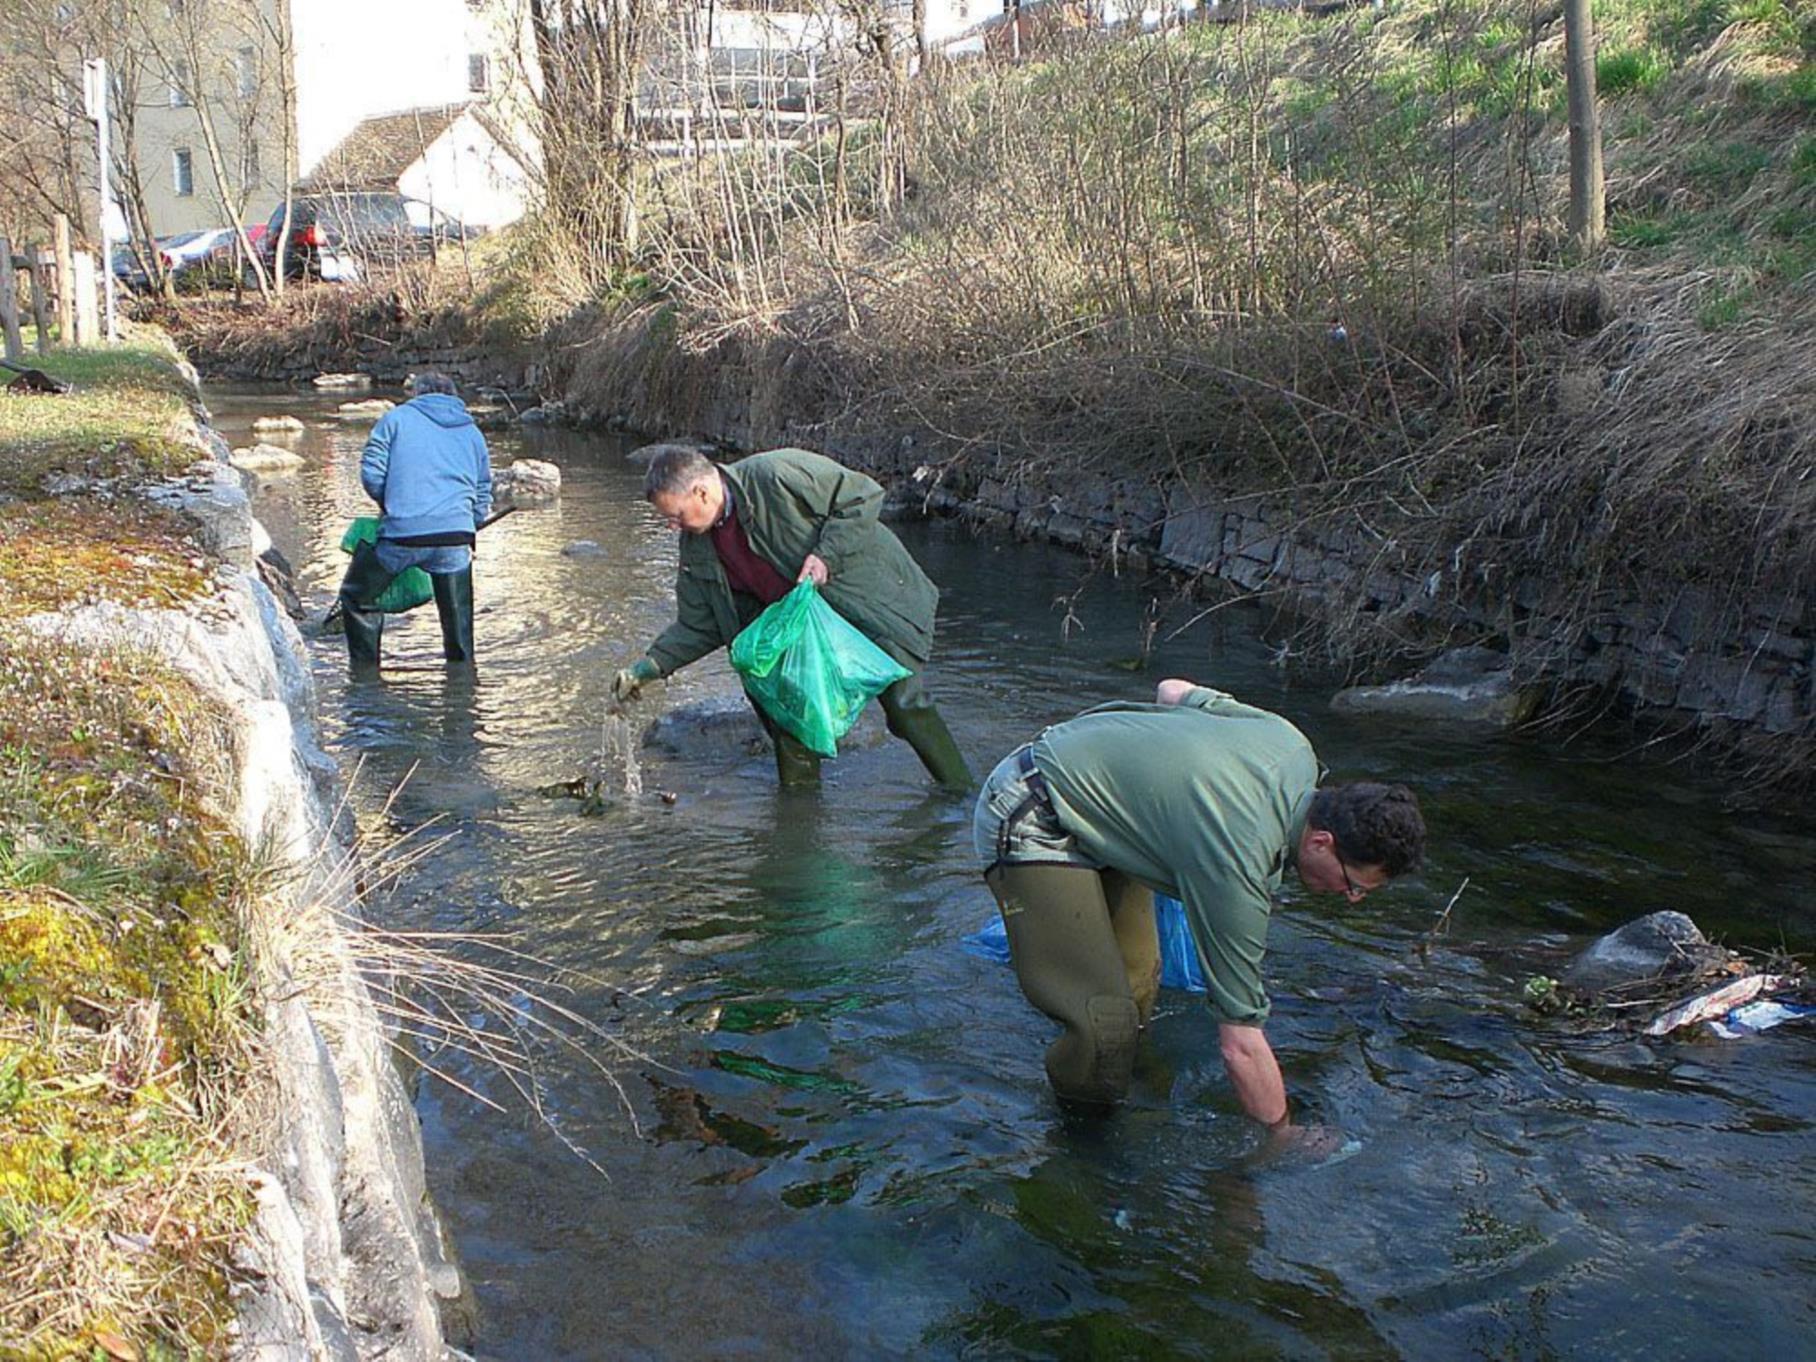 Rund 300 Mitglieder der Bludenzer Vereine sind auch dieses Jahr bei der Landschaftsreinigung dabei.